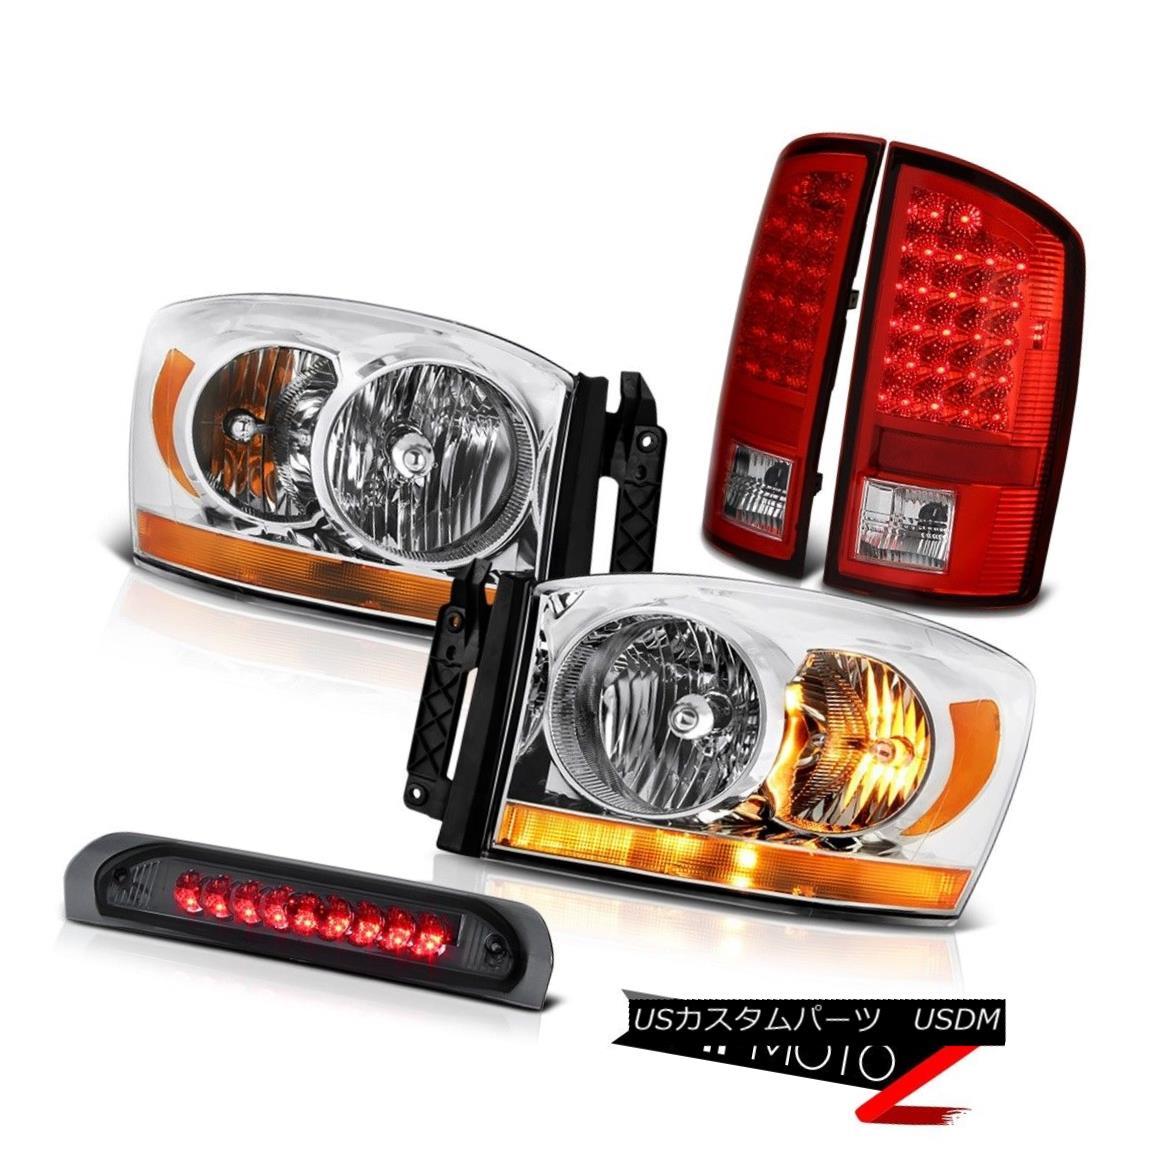 テールライト 07-08 Dodge Ram 1500 Ws Chrome Headlights Smoked Roof Brake Light Red Tail Lamps 07-08ダッジラム1500 Wsクロームヘッドライトスモークルーフブレーキライトレッドテールランプ